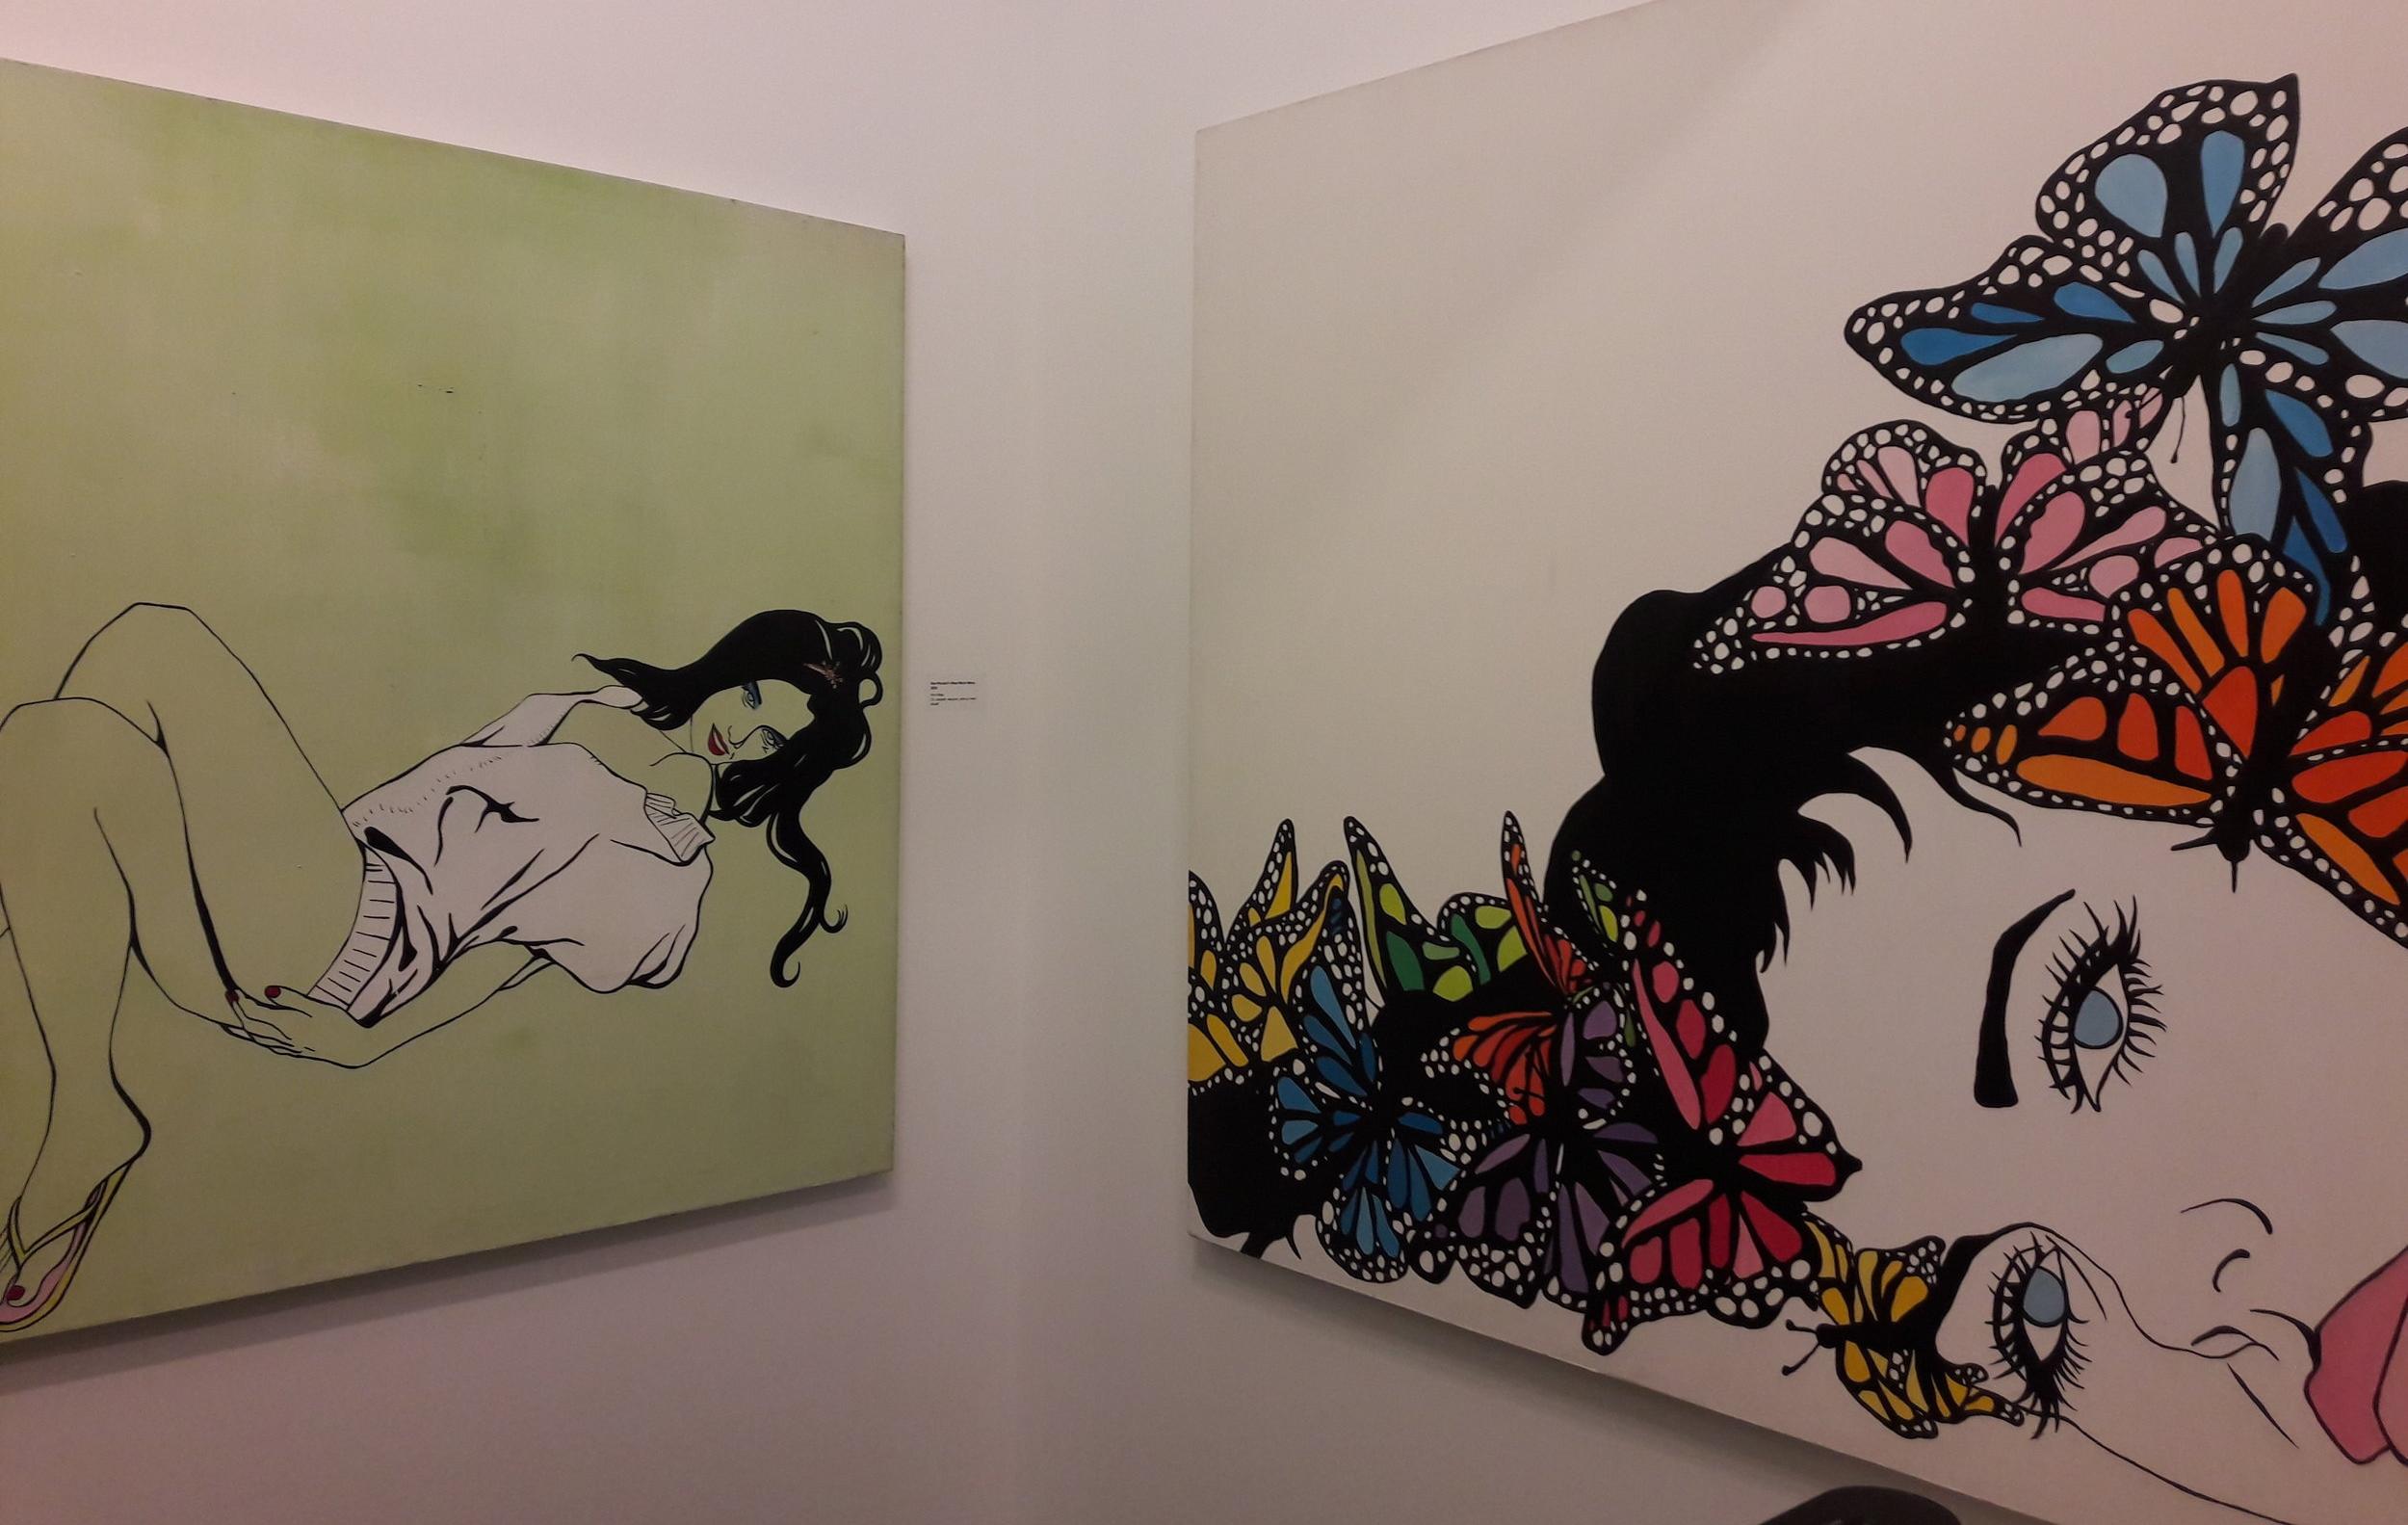 Works by Kim West